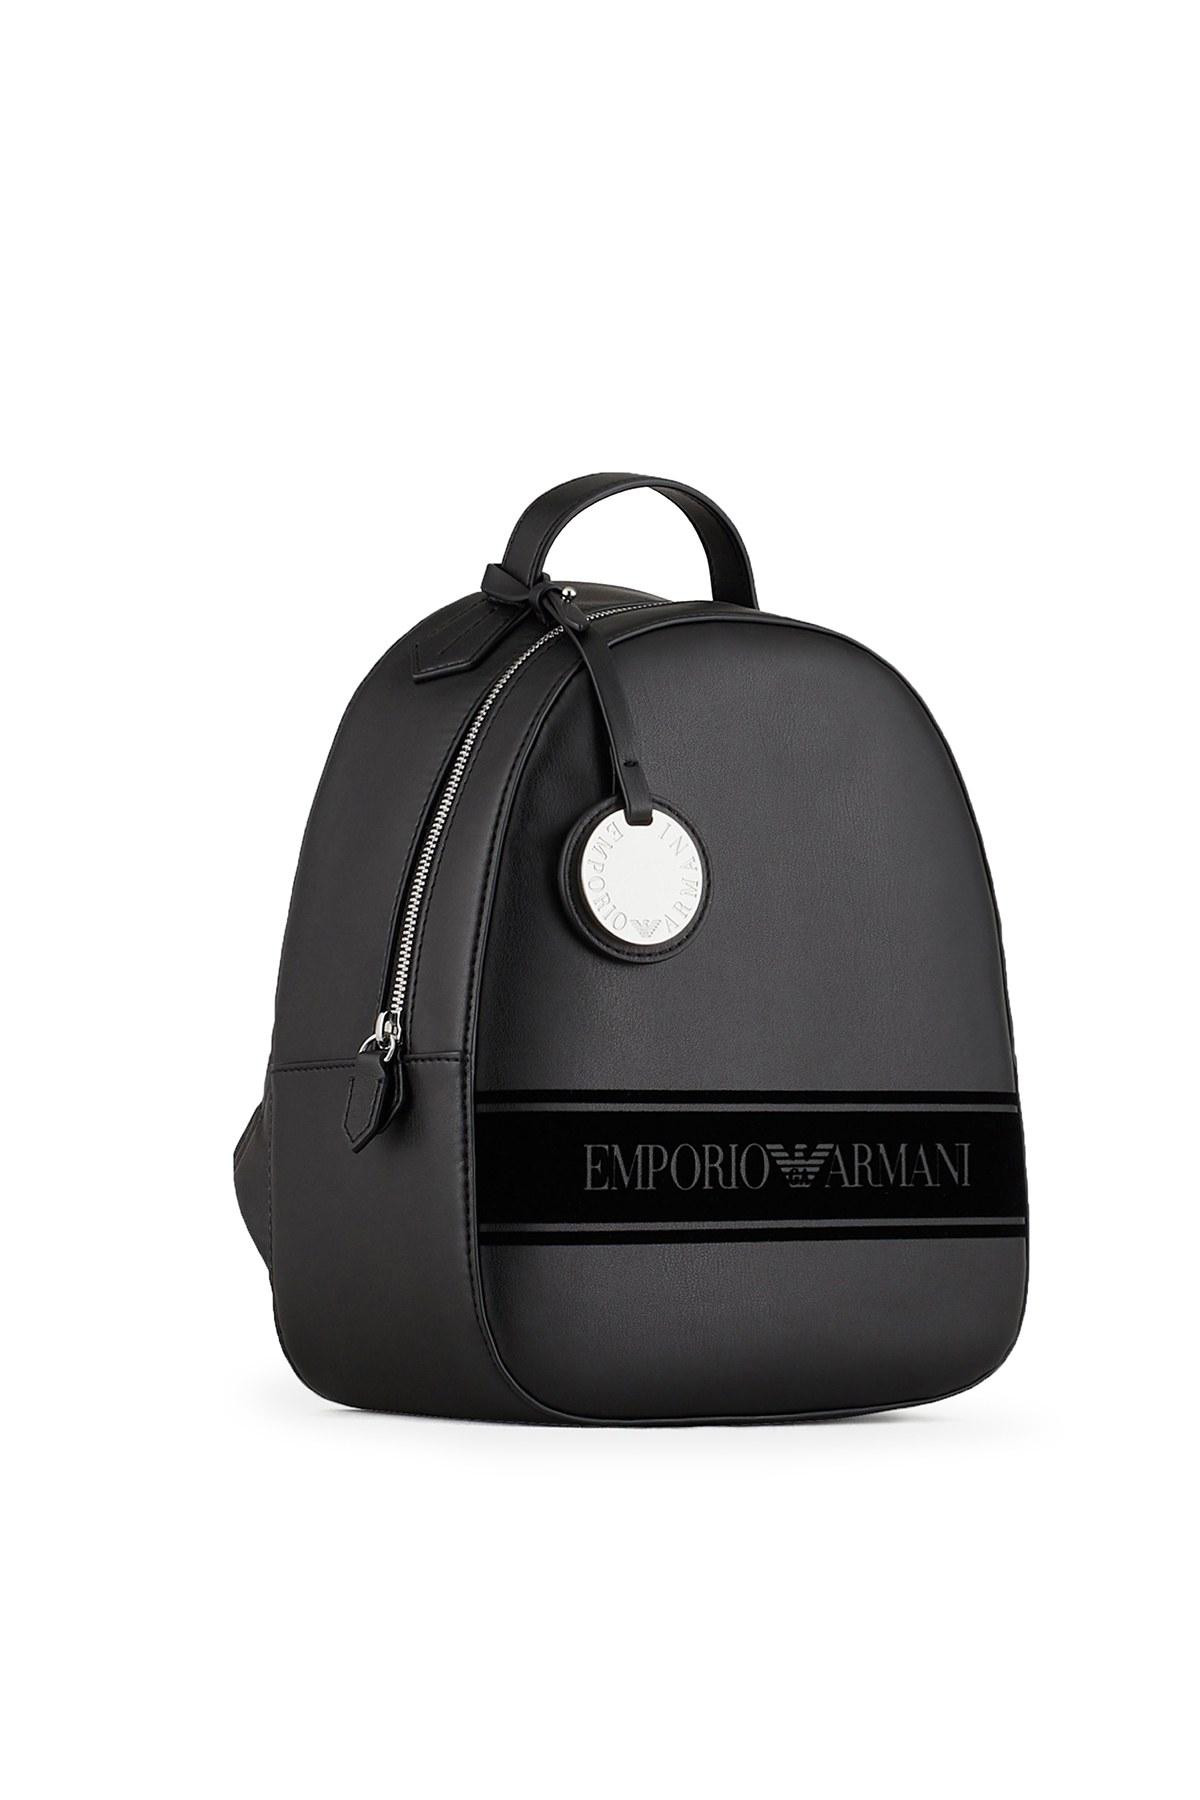 Emporio Armani Logo Baskılı Ayarlanabilir Askılı Kadın Çanta Y3L024 YI48E 88291 SİYAH